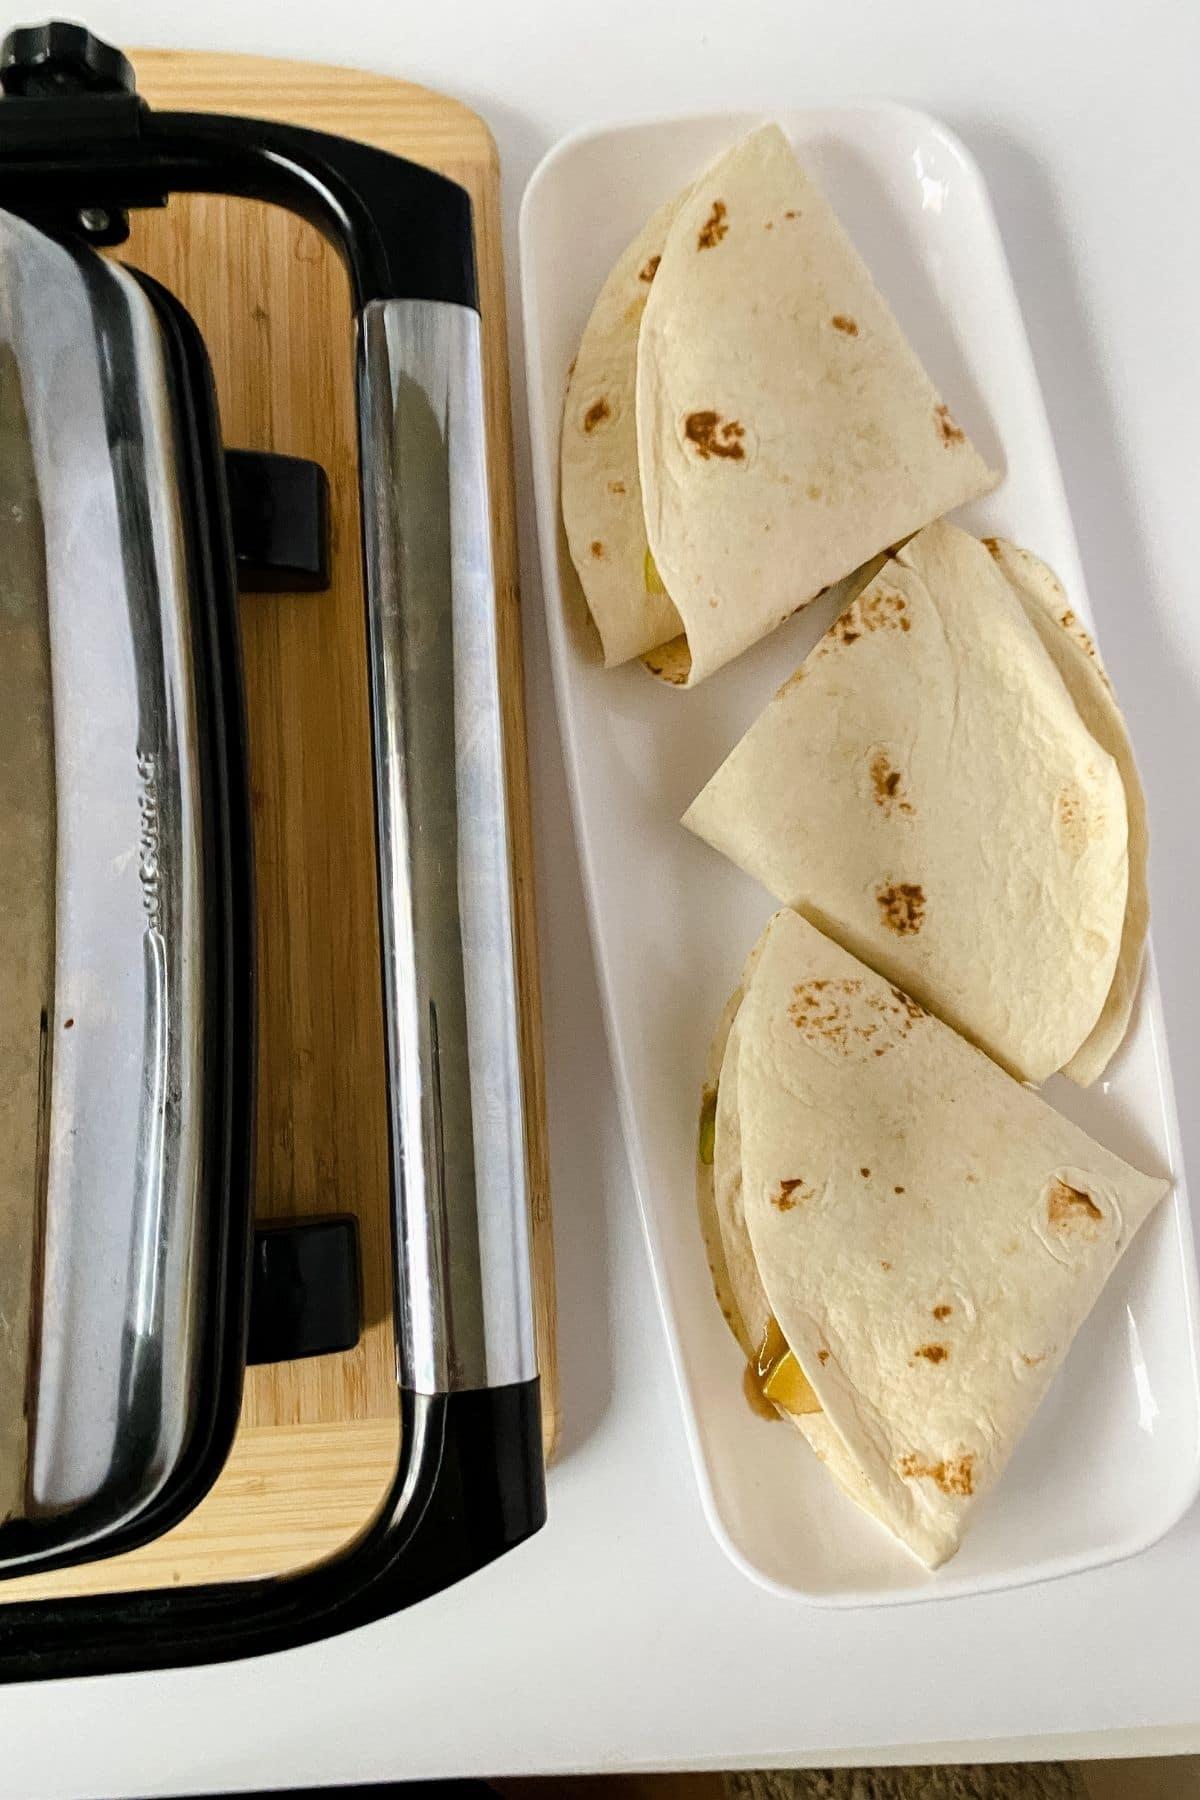 Wraps by panini press